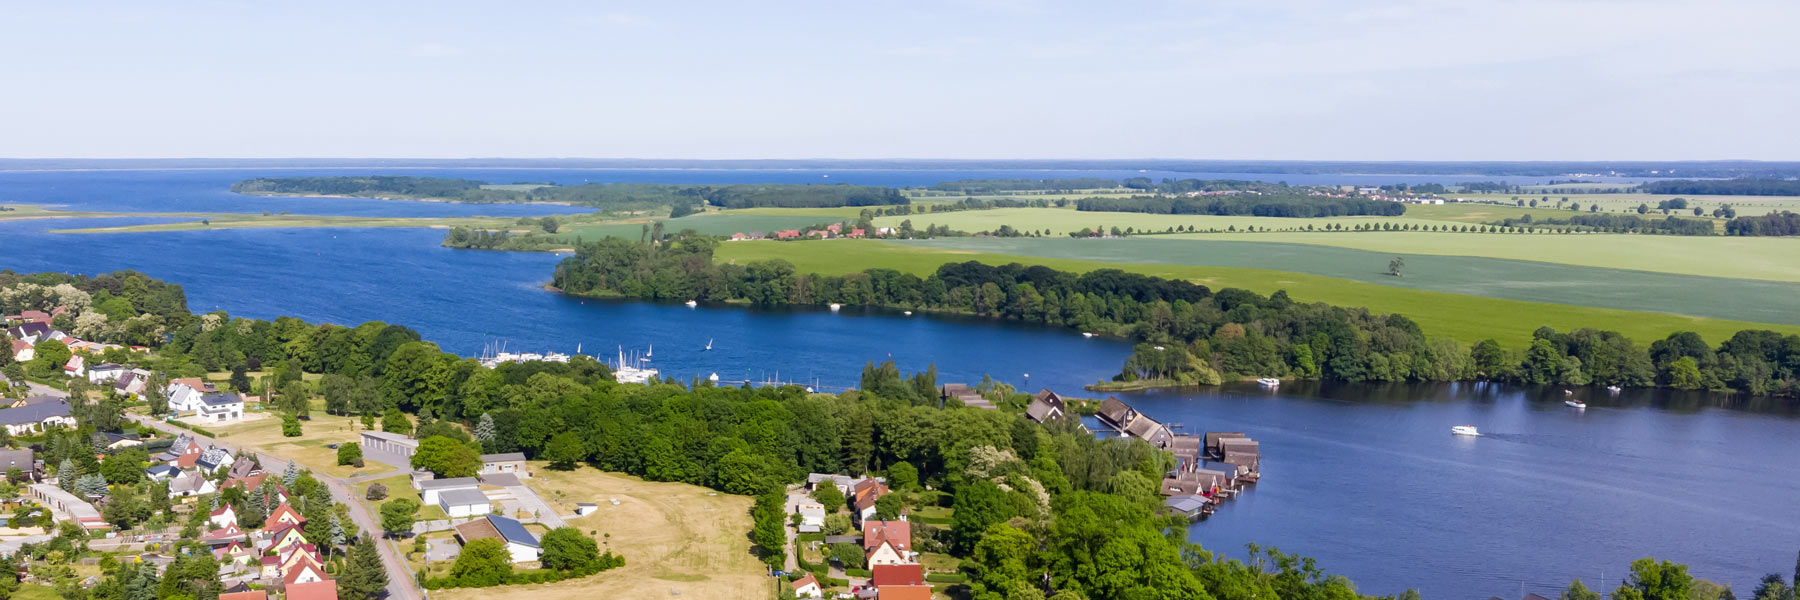 Müritz - Mecklenburgische Seenplatte